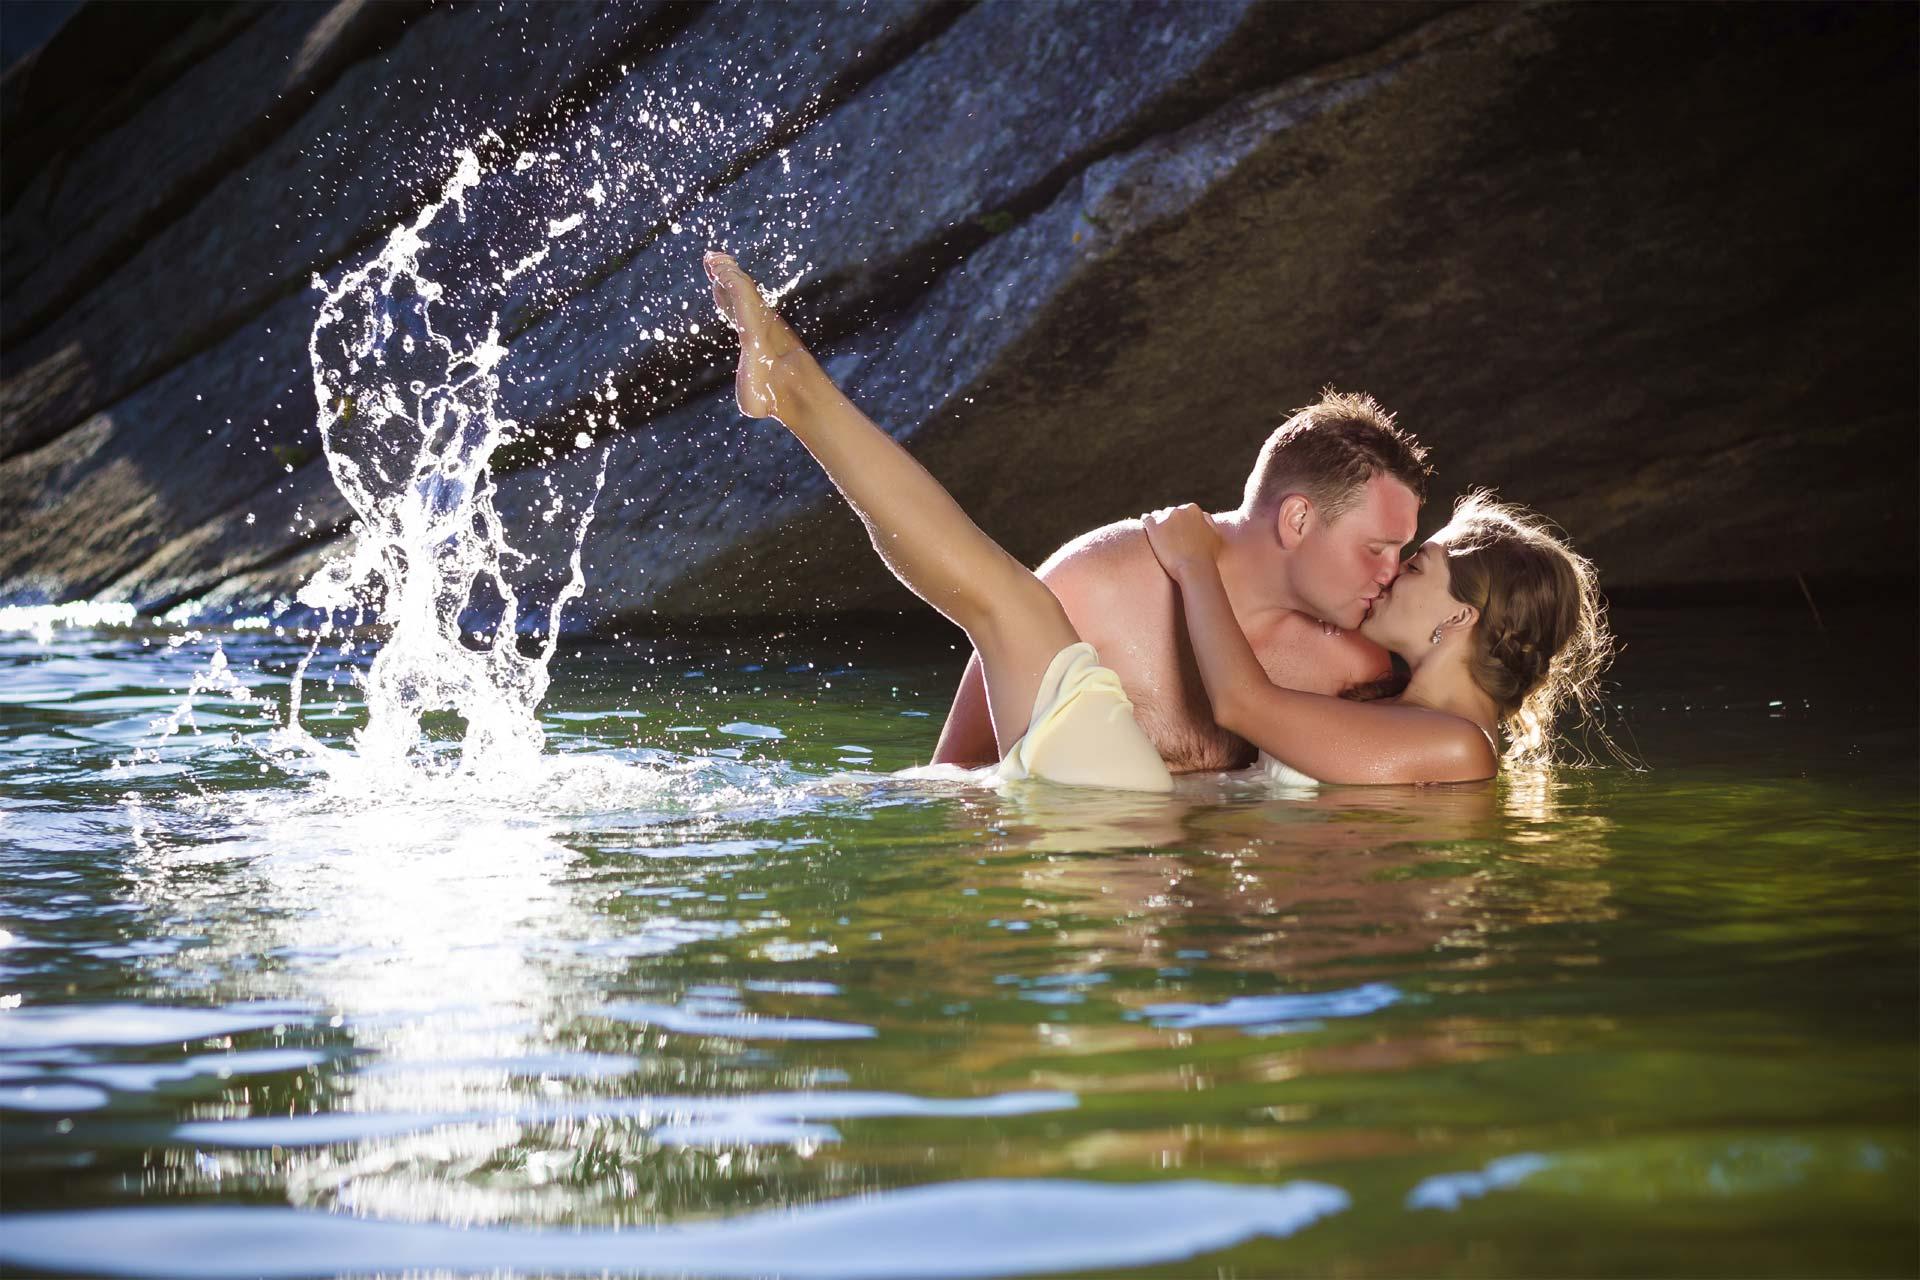 Mantener la pasión en la pareja puede ser todo un reto, pero con planificación y esfuerzo tendrán encuentros increíbles